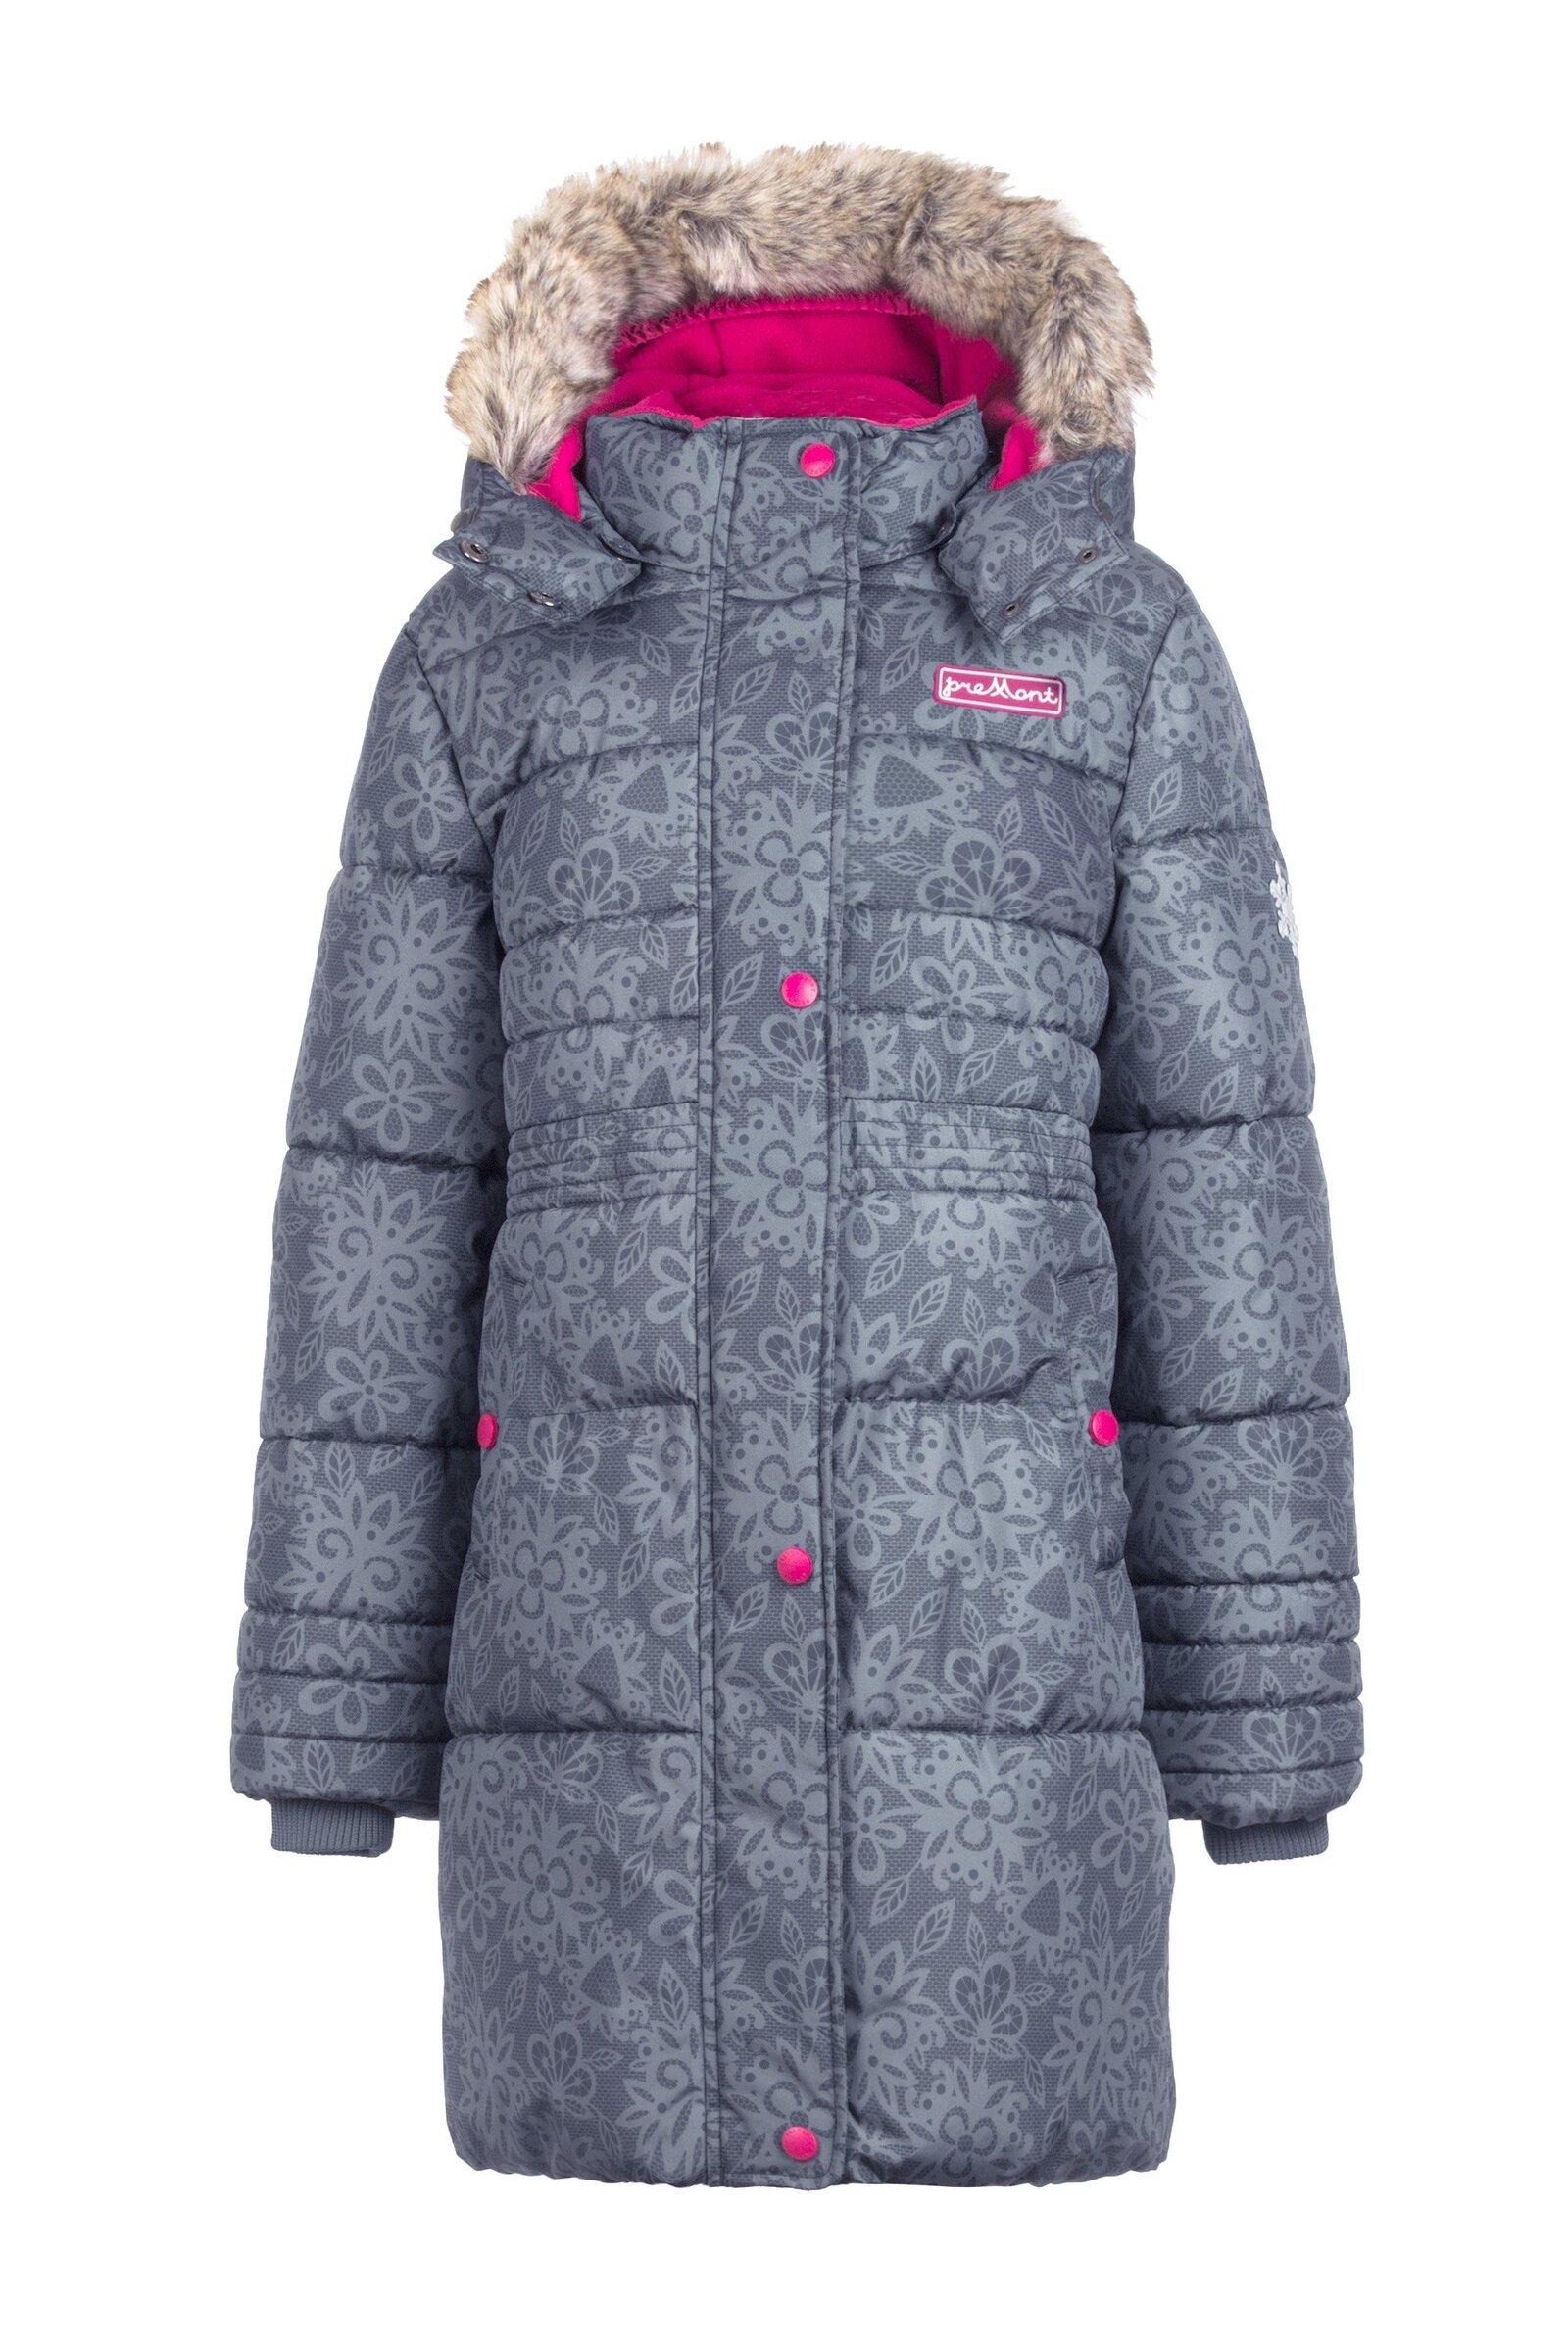 Пальто Premont в интернет-магазинах — Яндекс.Маркет